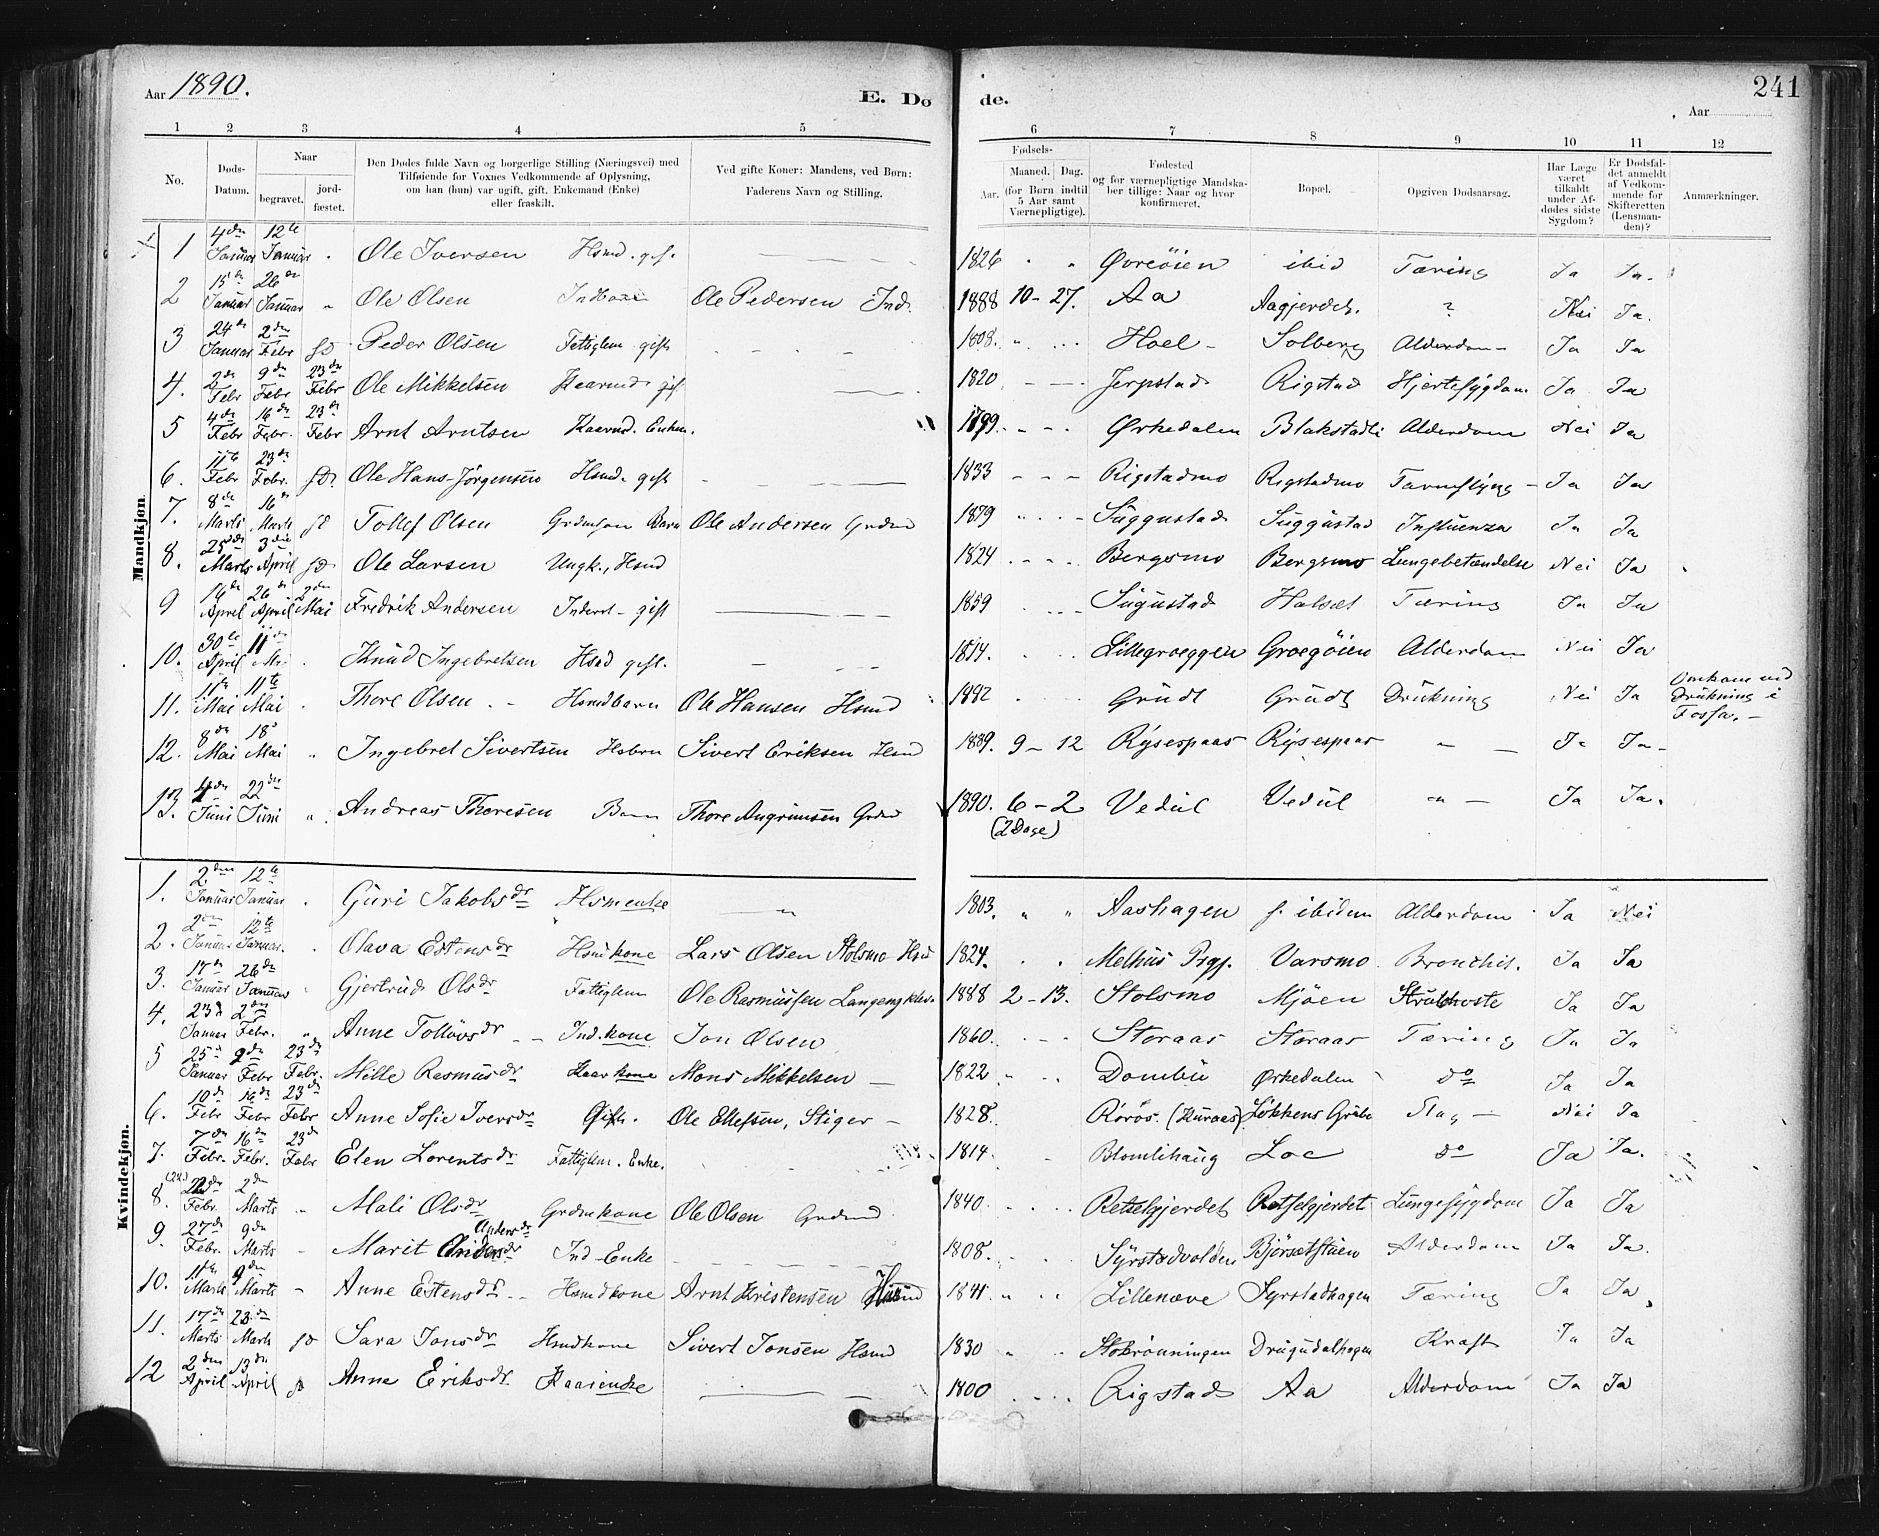 SAT, Ministerialprotokoller, klokkerbøker og fødselsregistre - Sør-Trøndelag, 672/L0857: Ministerialbok nr. 672A09, 1882-1893, s. 241